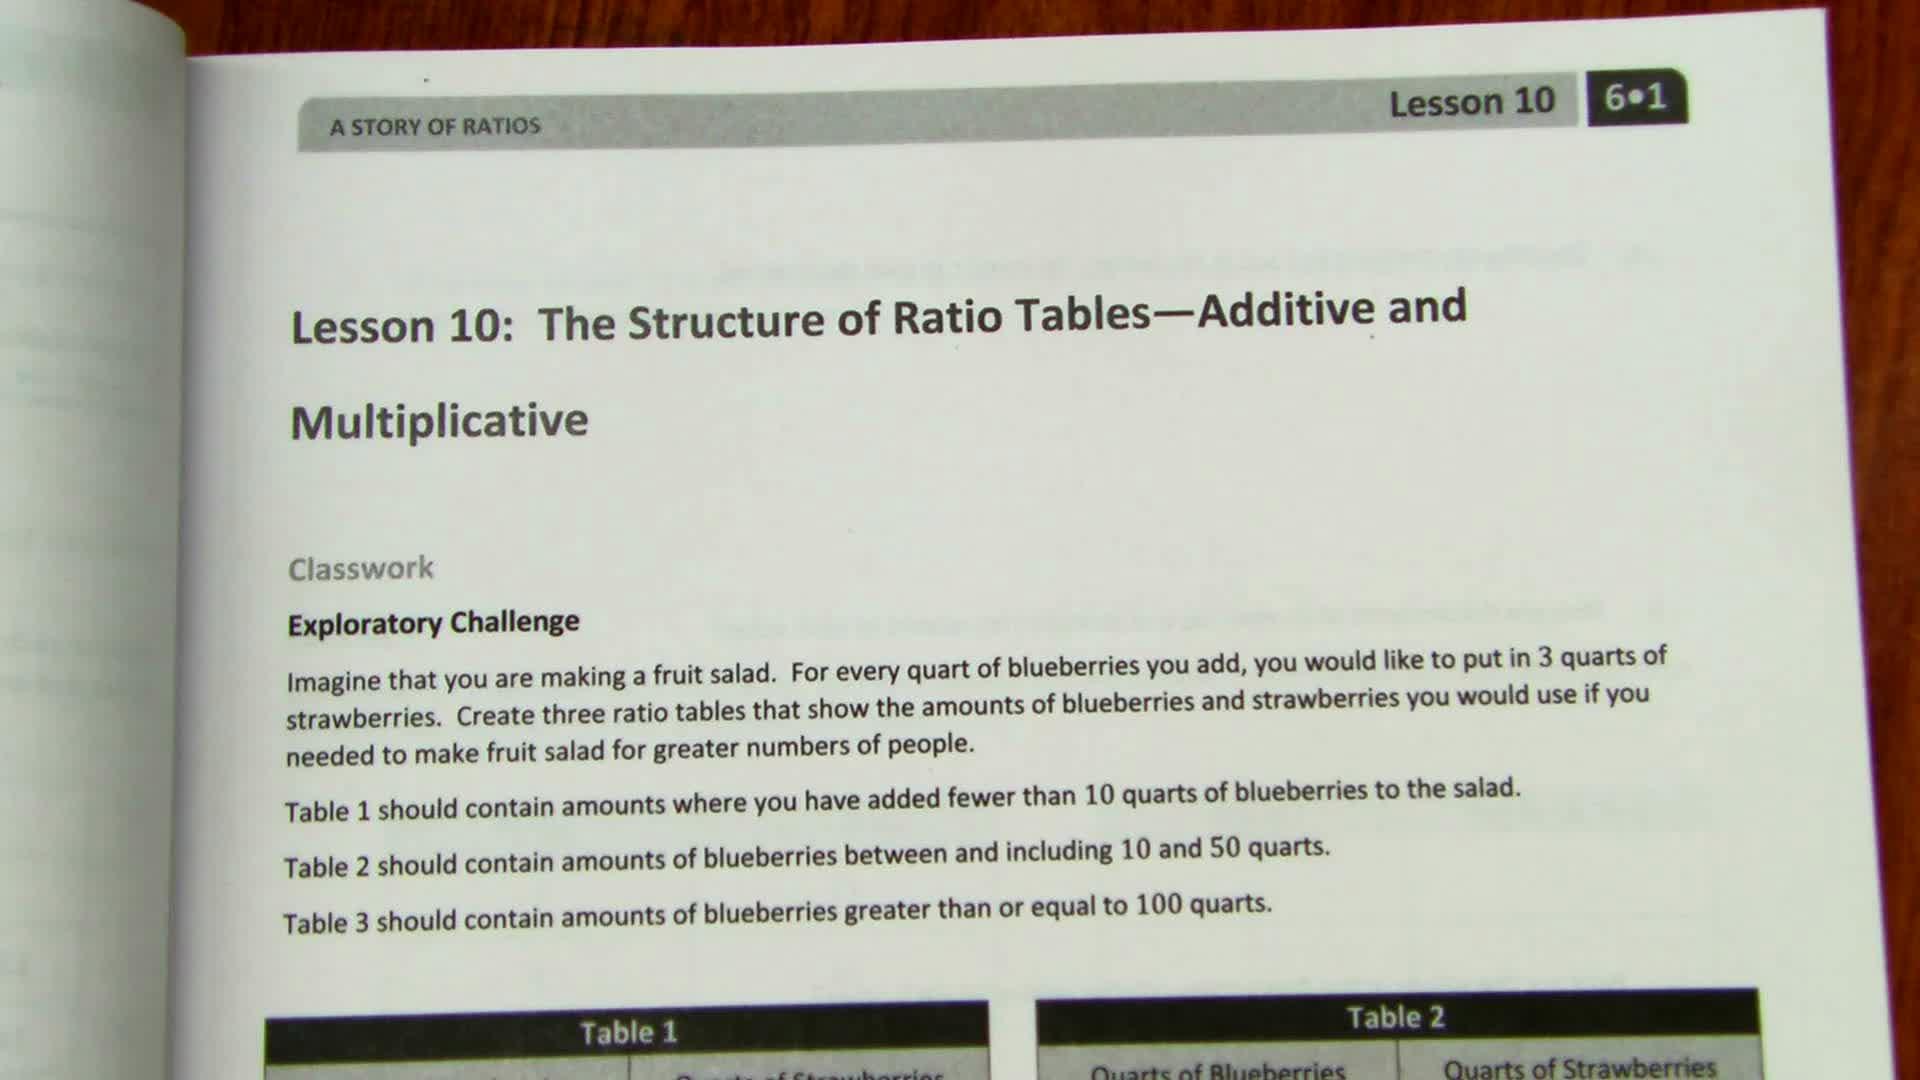 Module 1 - Lesson 10